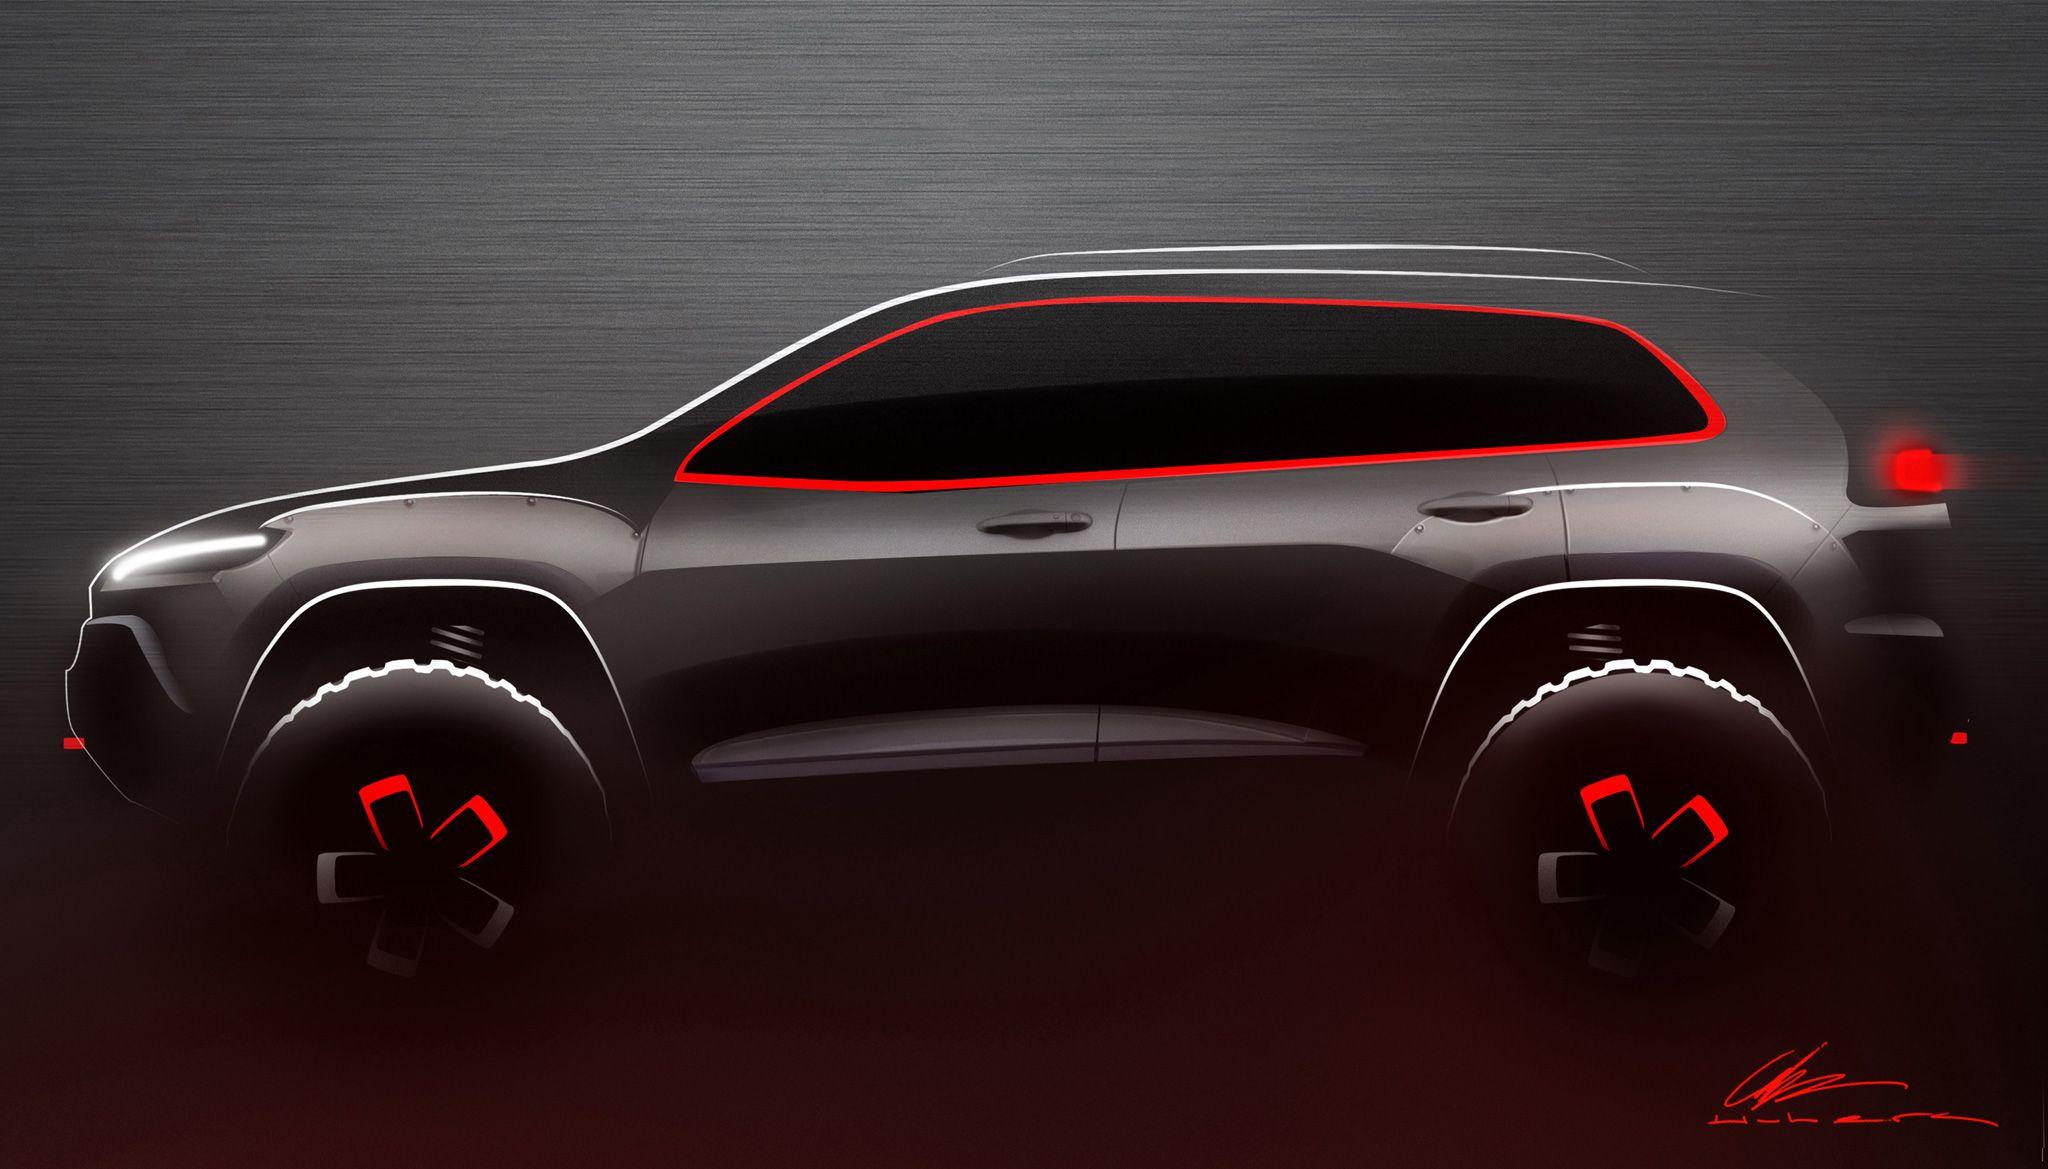 2017 jeep wrangler concept design 2017 - Mopar Teases Cherokee Dakar And Wrangler Mojo Concepts For Easter Jeep Safari Cars